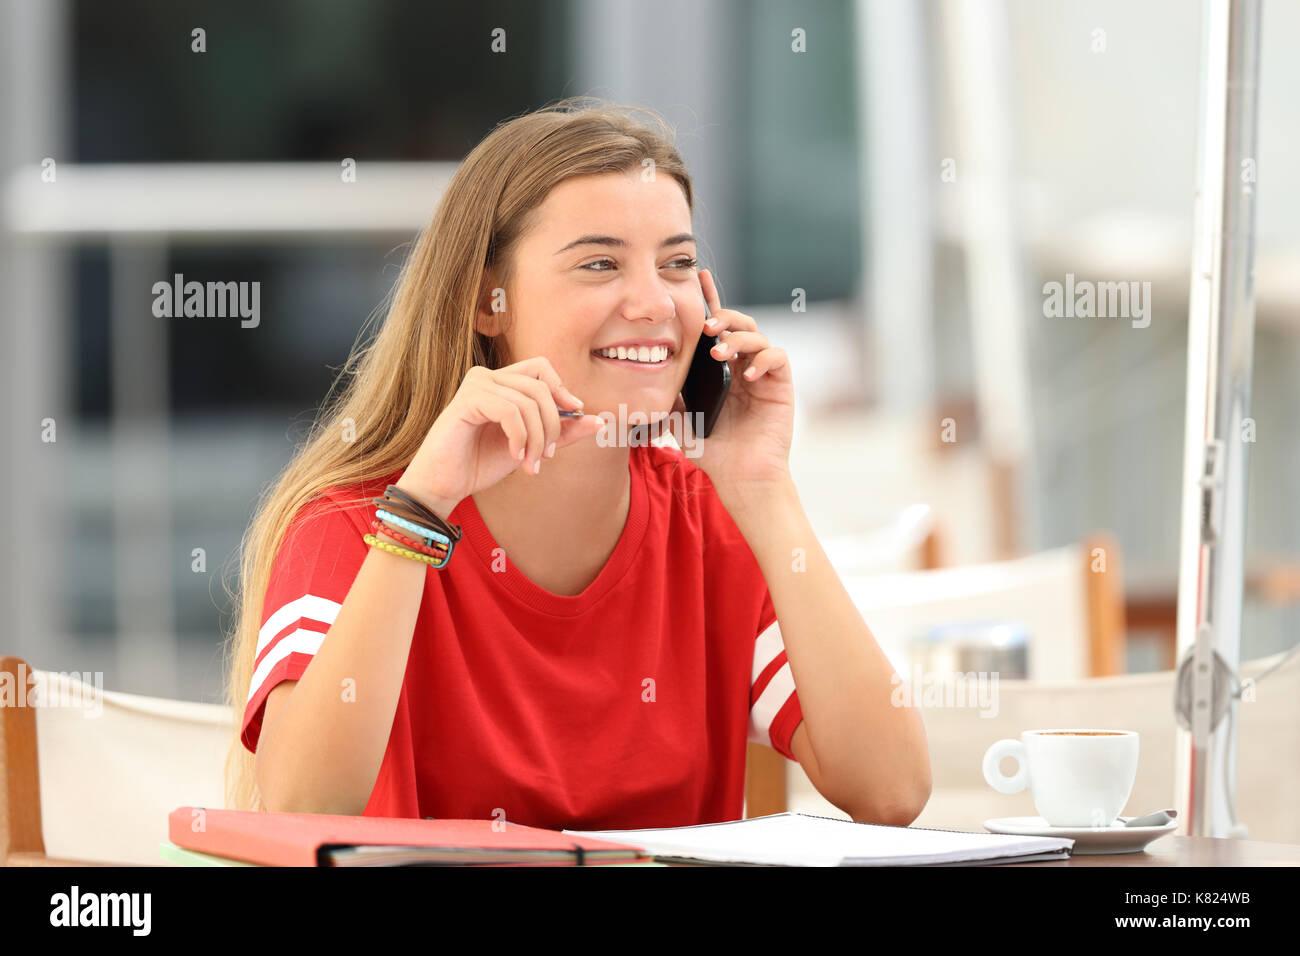 Candide studente ragazza ridere parlando al telefono ubicazione in un bar terrazza Immagini Stock